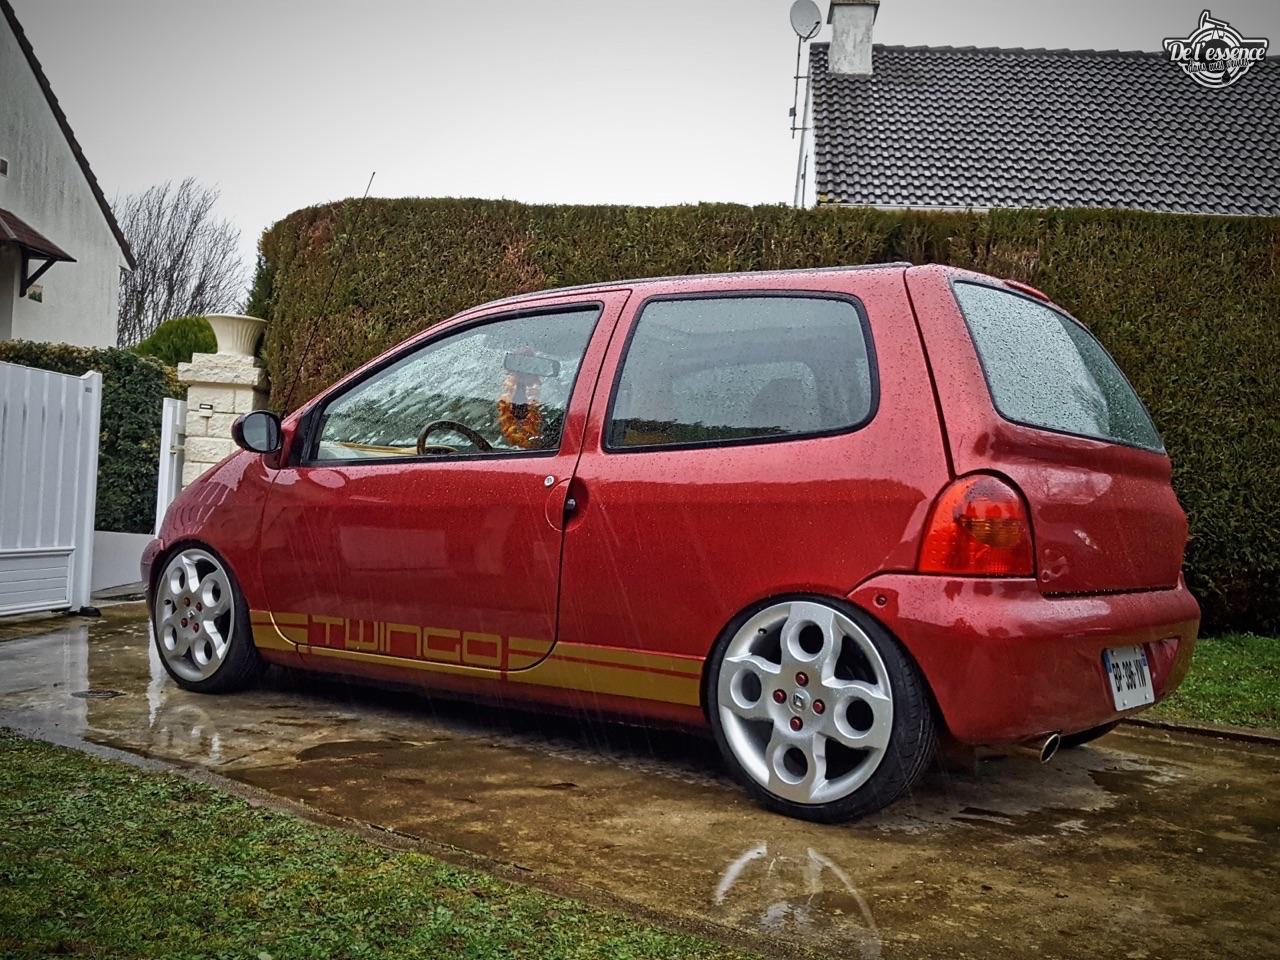 Renault Twingo - En rouge et or ! 1